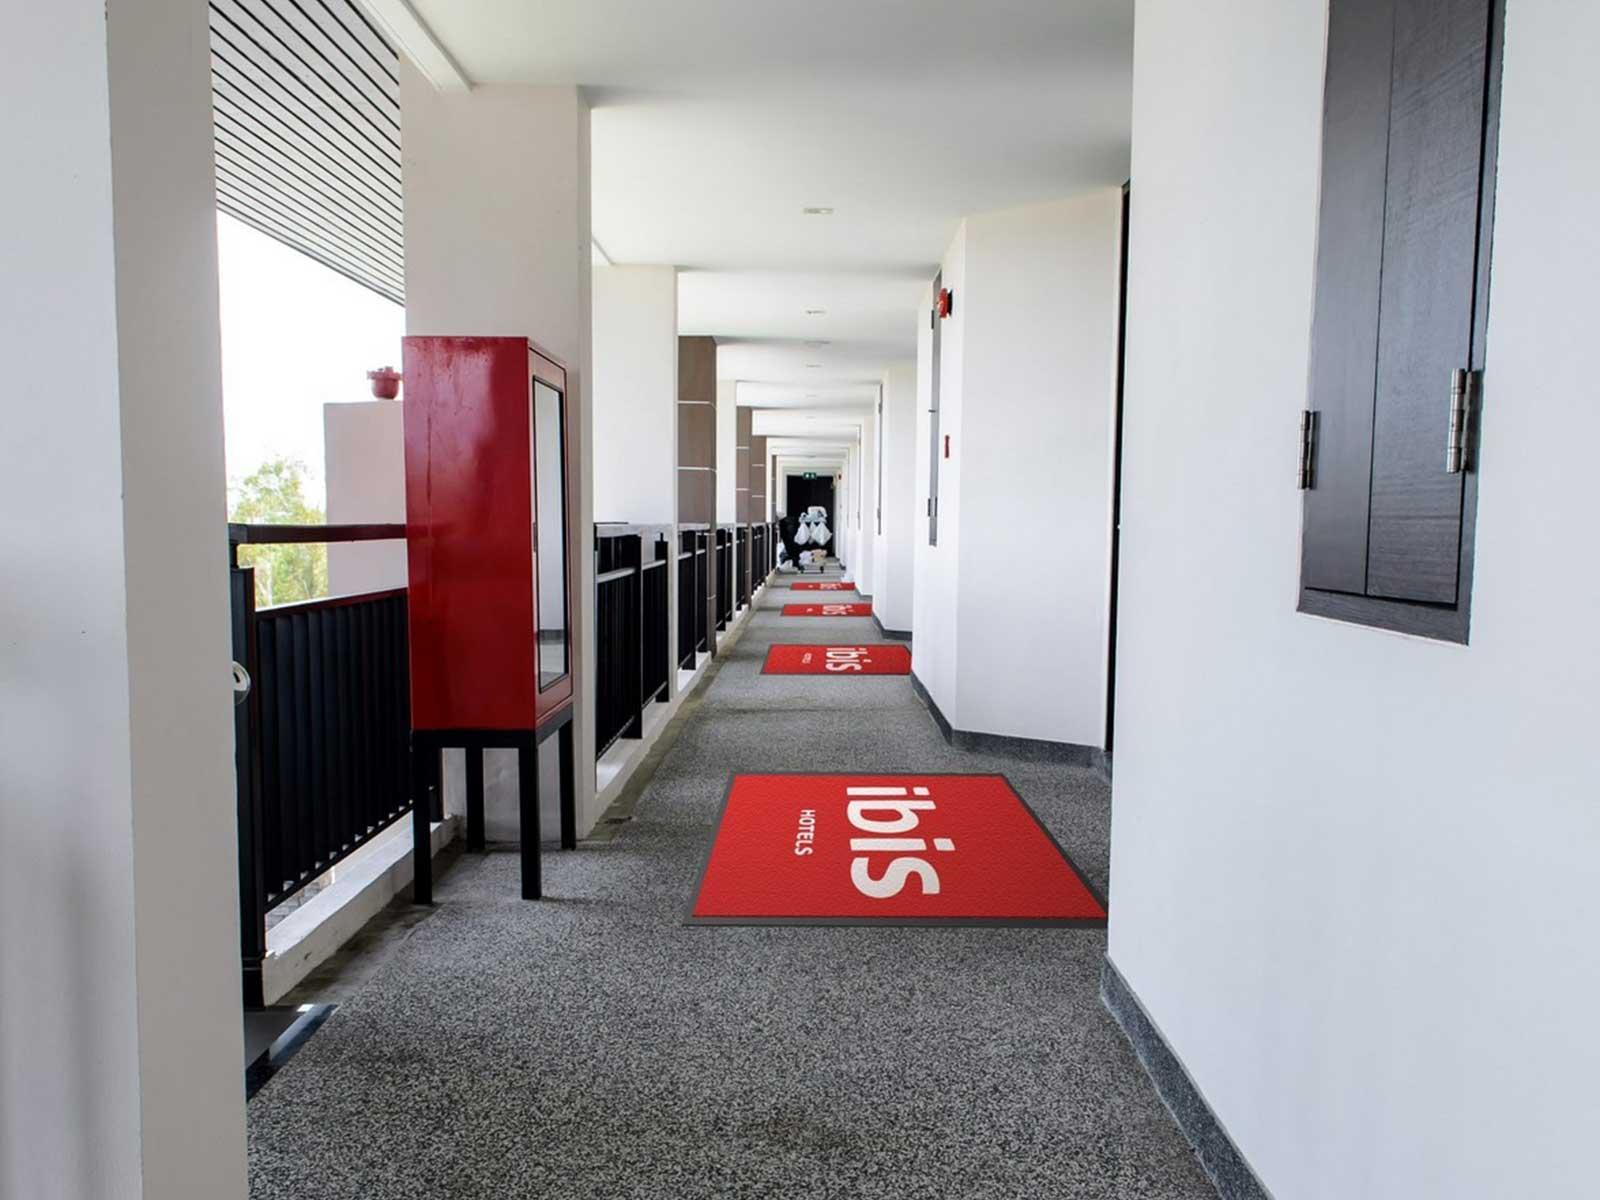 tapis d accueil patio 80 x 120 cm tapis publicitaire expoz